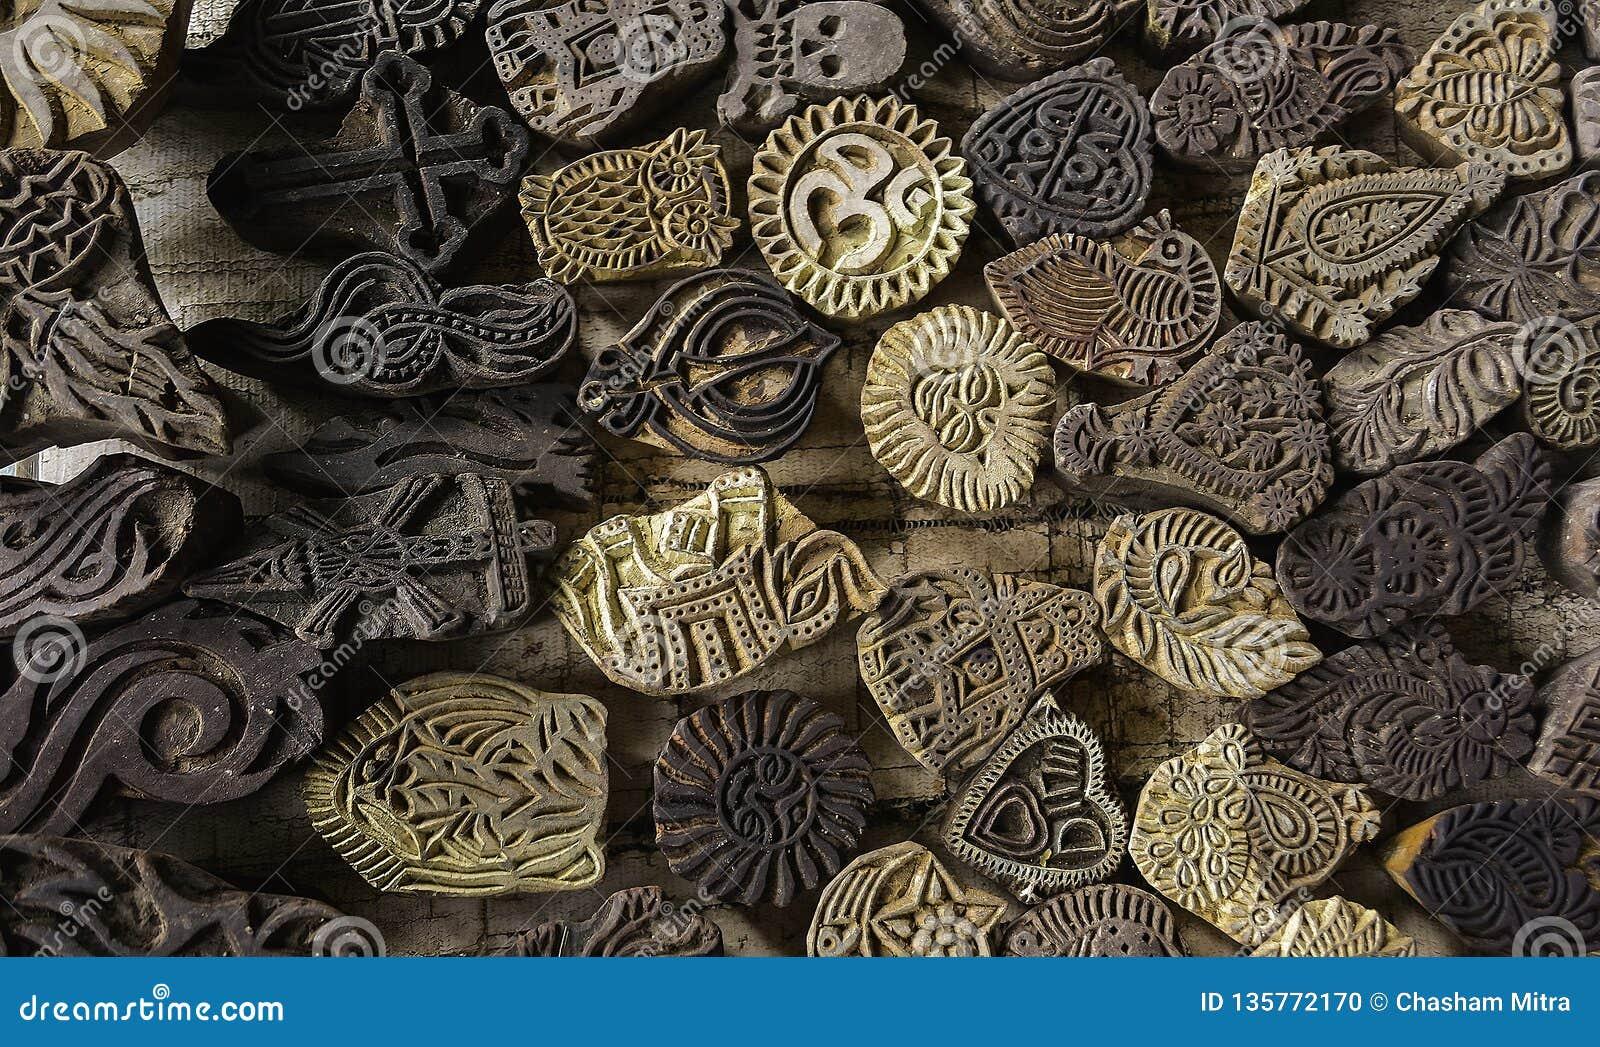 Tatuajes religiosos temporales con otros símbolos